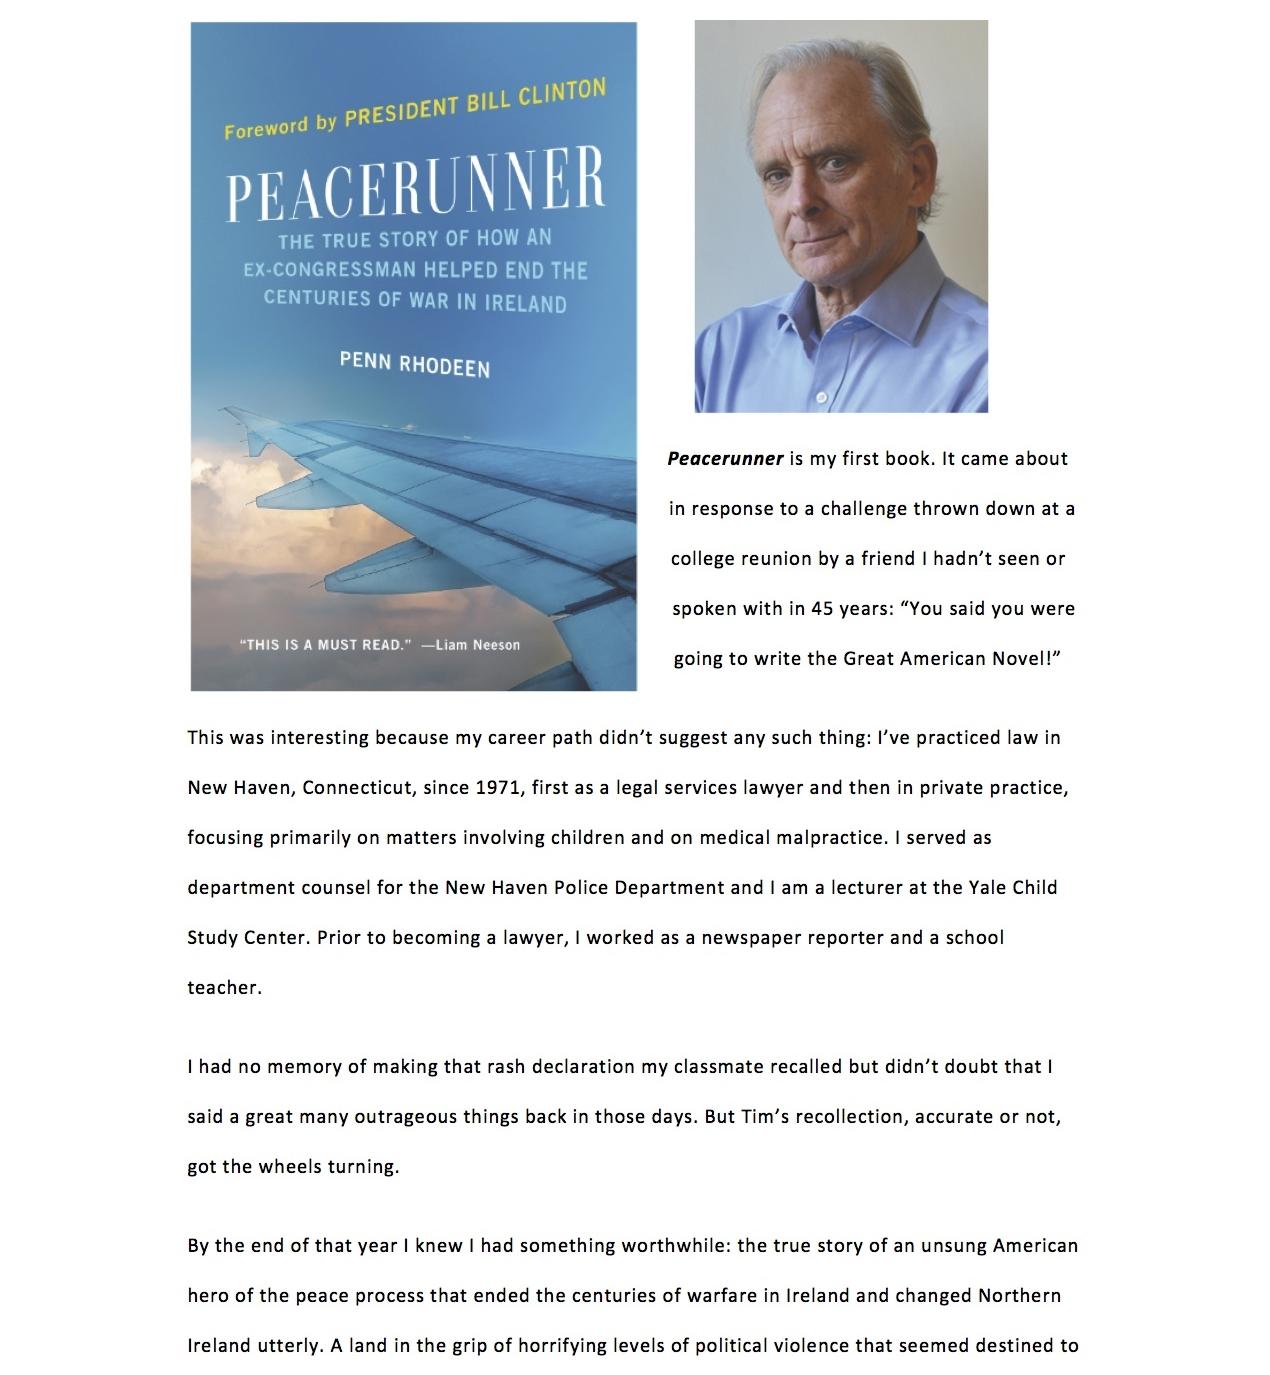 Peacerunneris my first book.jpg